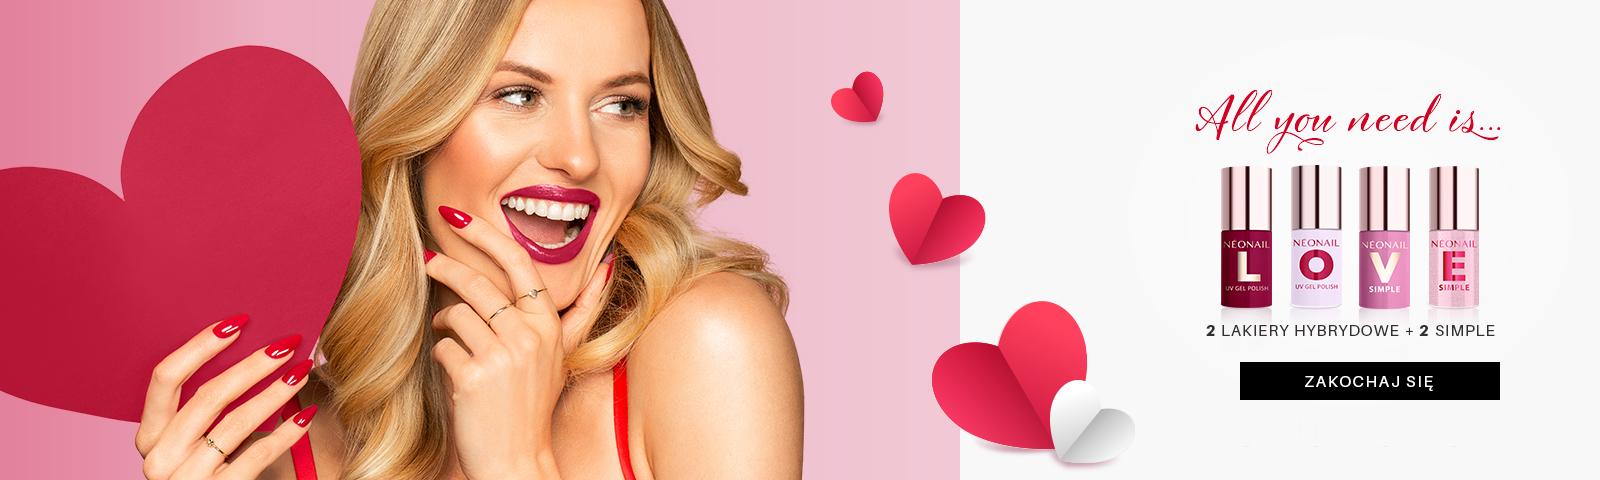 Kolekcja LOVE Zakochaj się w limitowanejkolekcji walentynkowej  ❤️️Kolekcja LOVE ❤️️